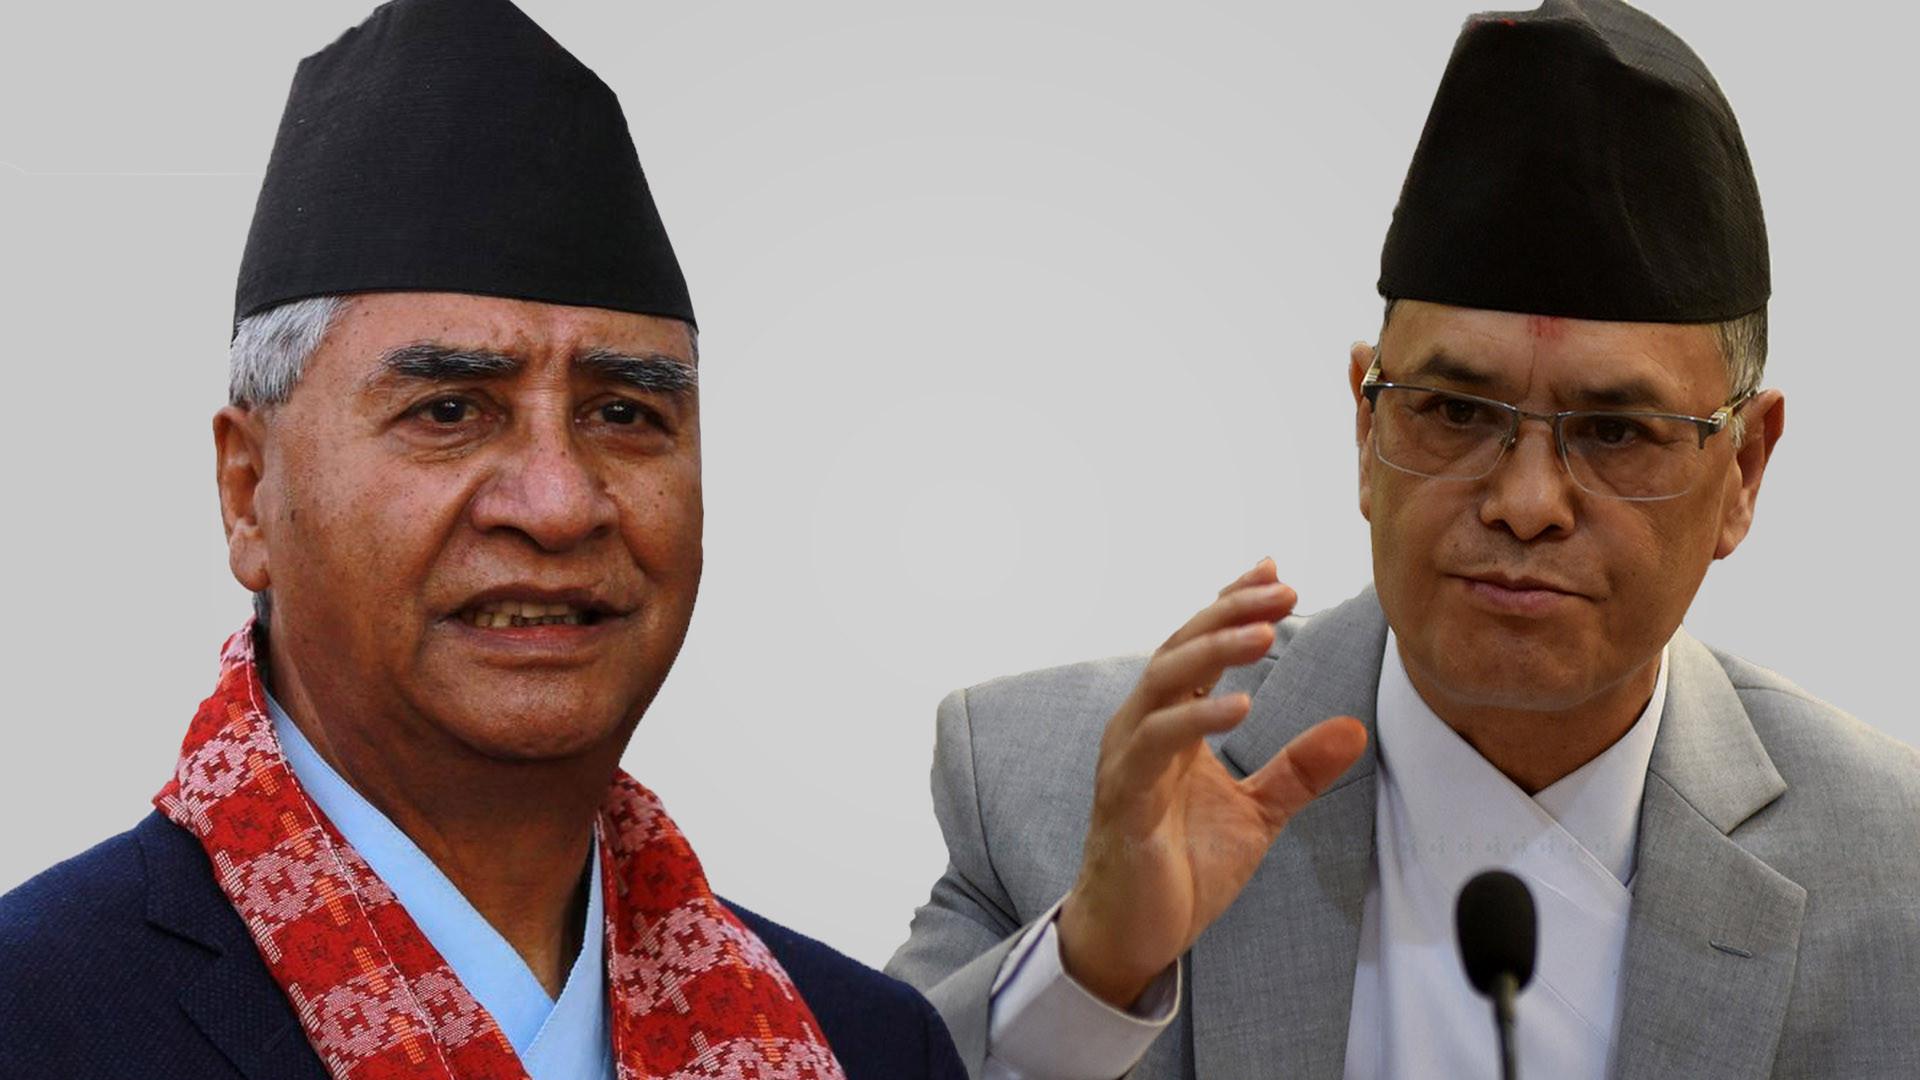 Nadir of ignominy for Deuba and Rana